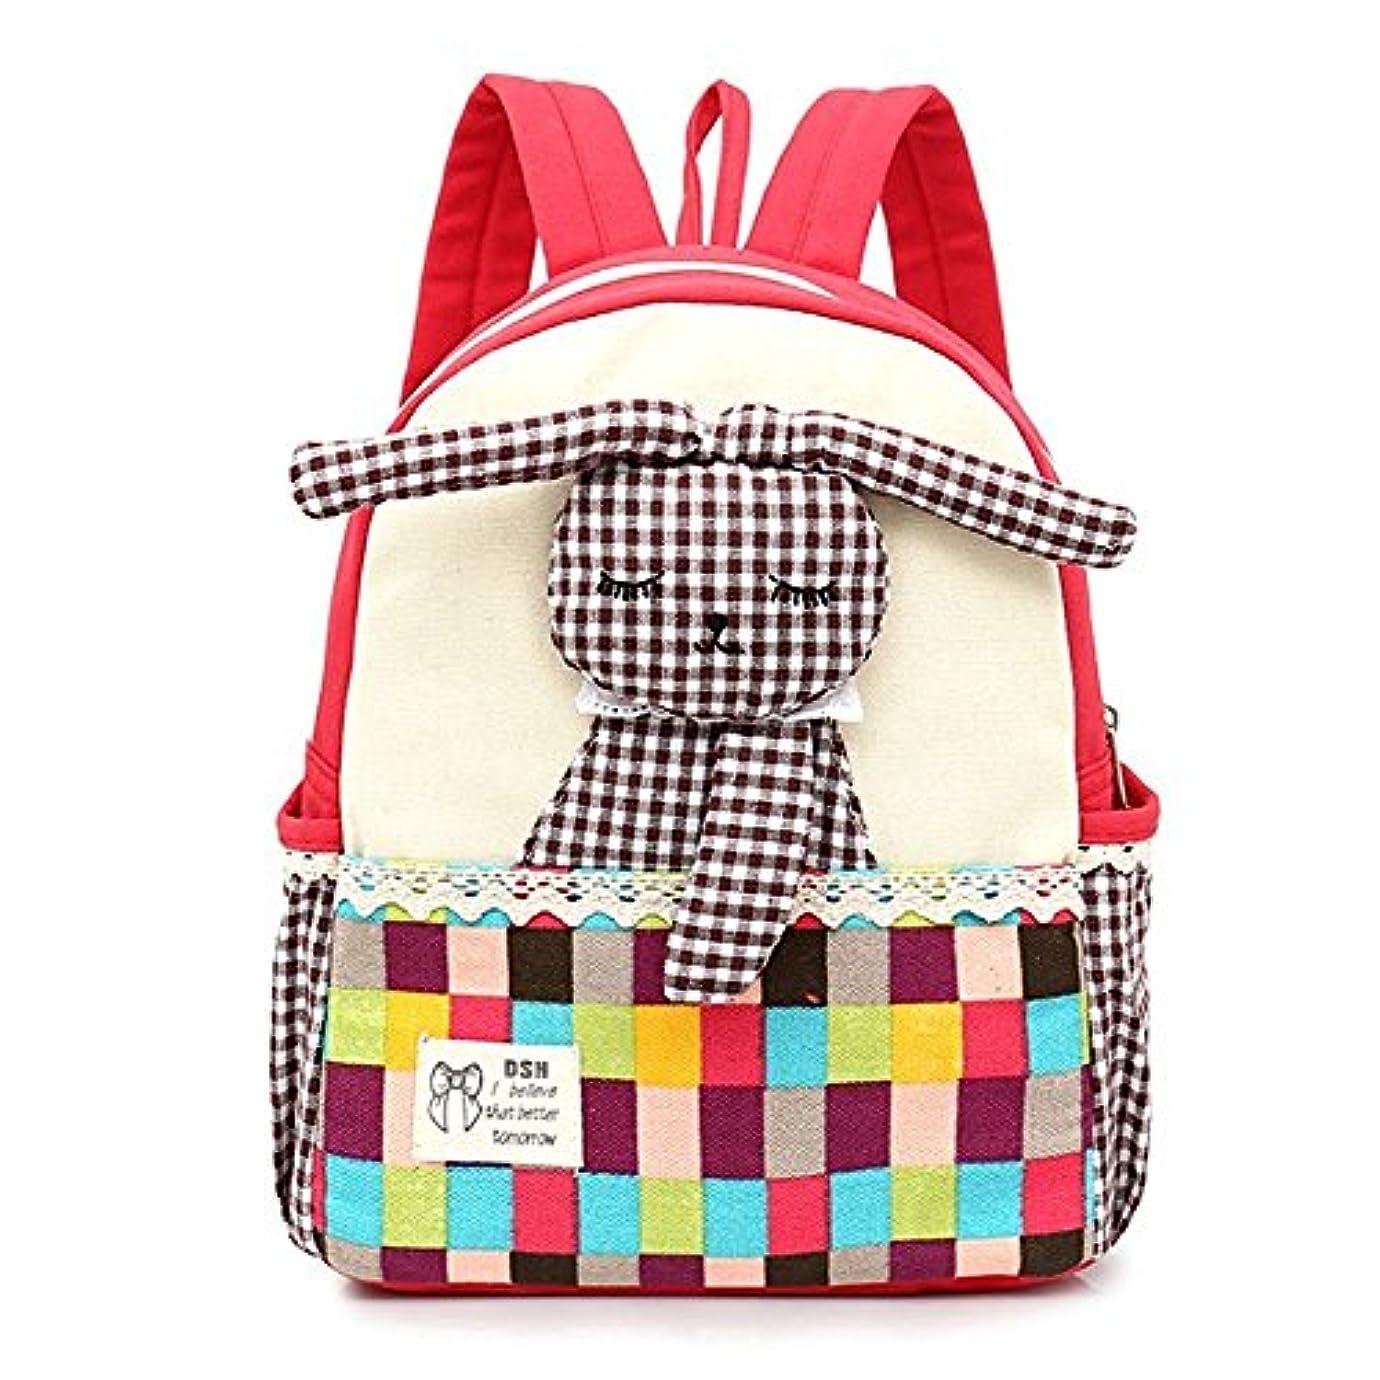 実験室レタッチ遠えS-BBG キッズ リュックサック 女の子 幼稚園 小学生 子供用 通園リュック 兎飾り 格子縞柄 かわいい